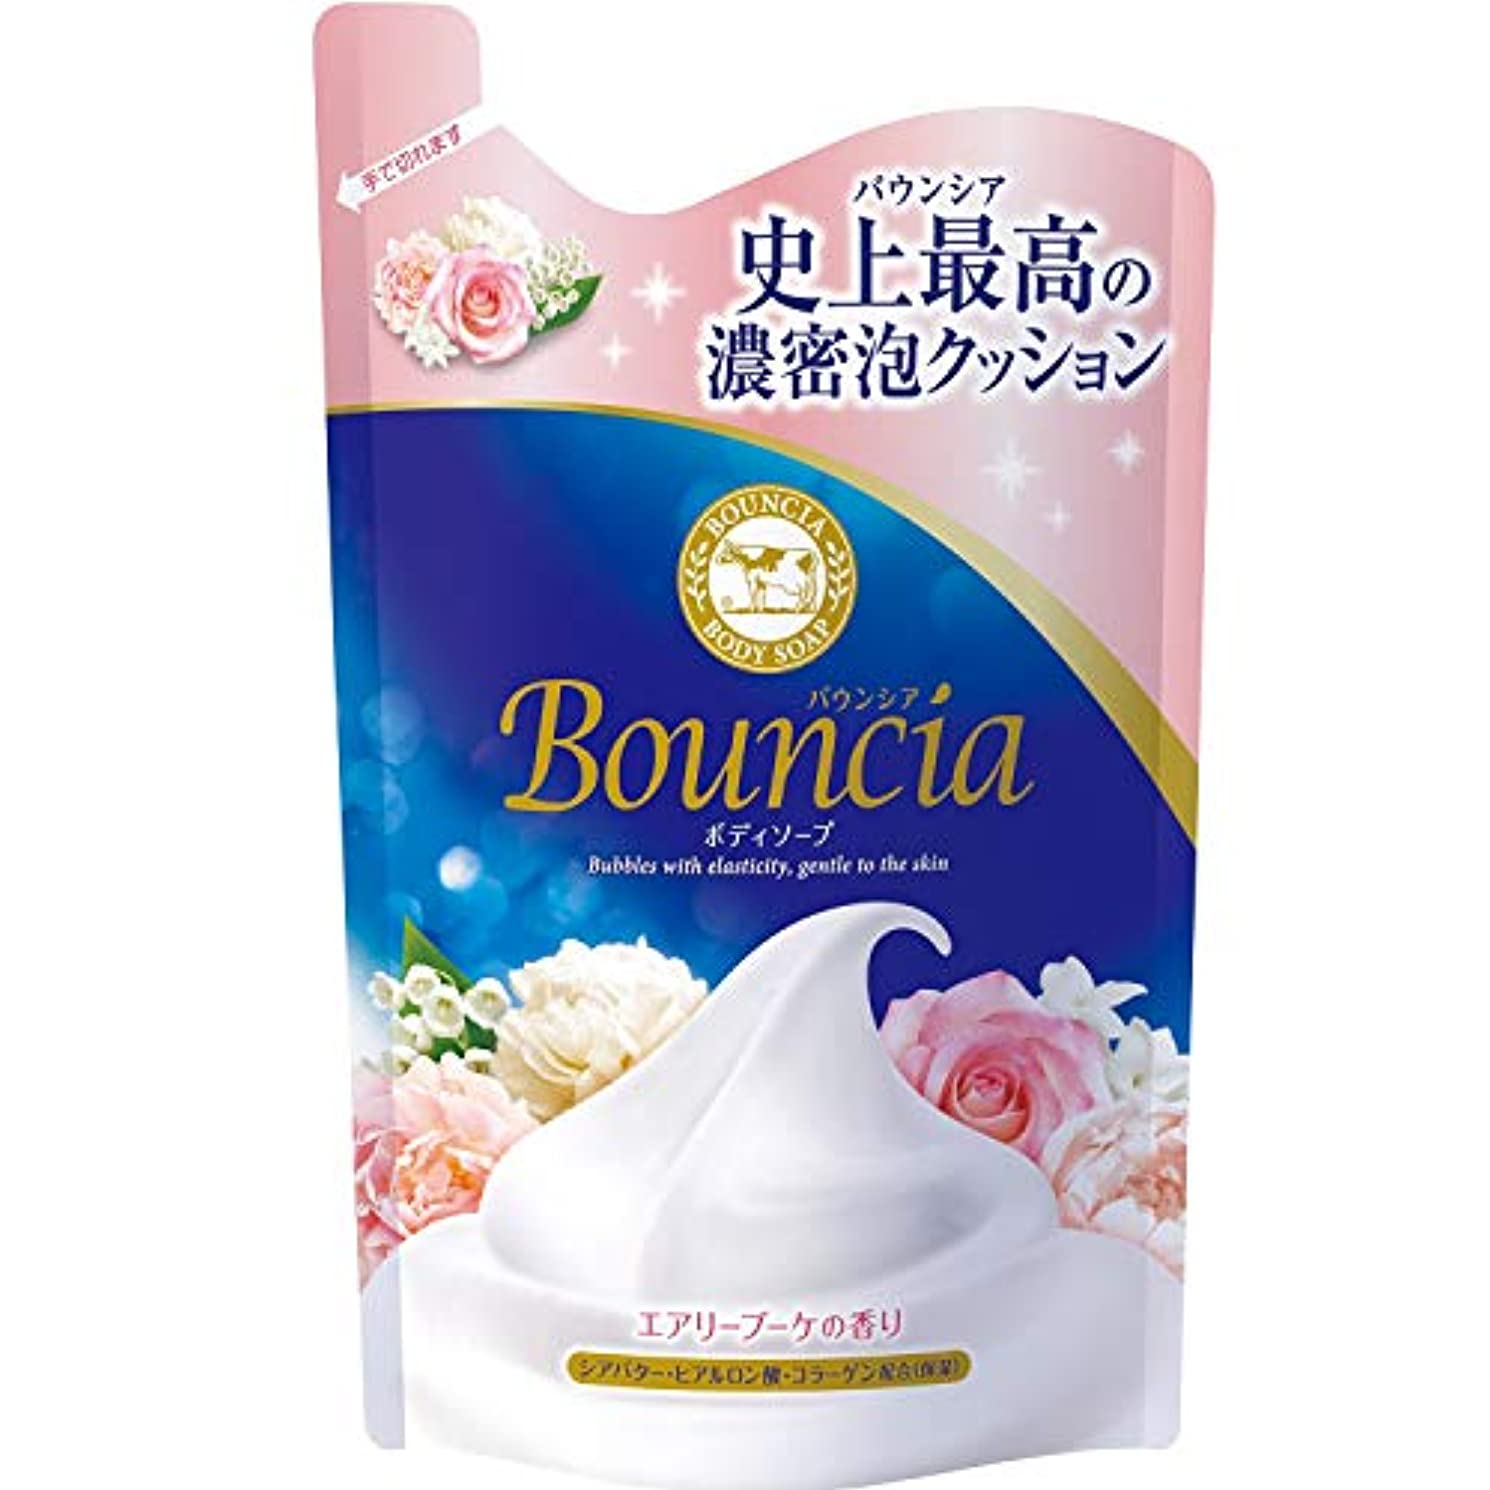 特異性頬骨実質的にバウンシア ボディソープ エアリーブーケの香り 詰替 400mL